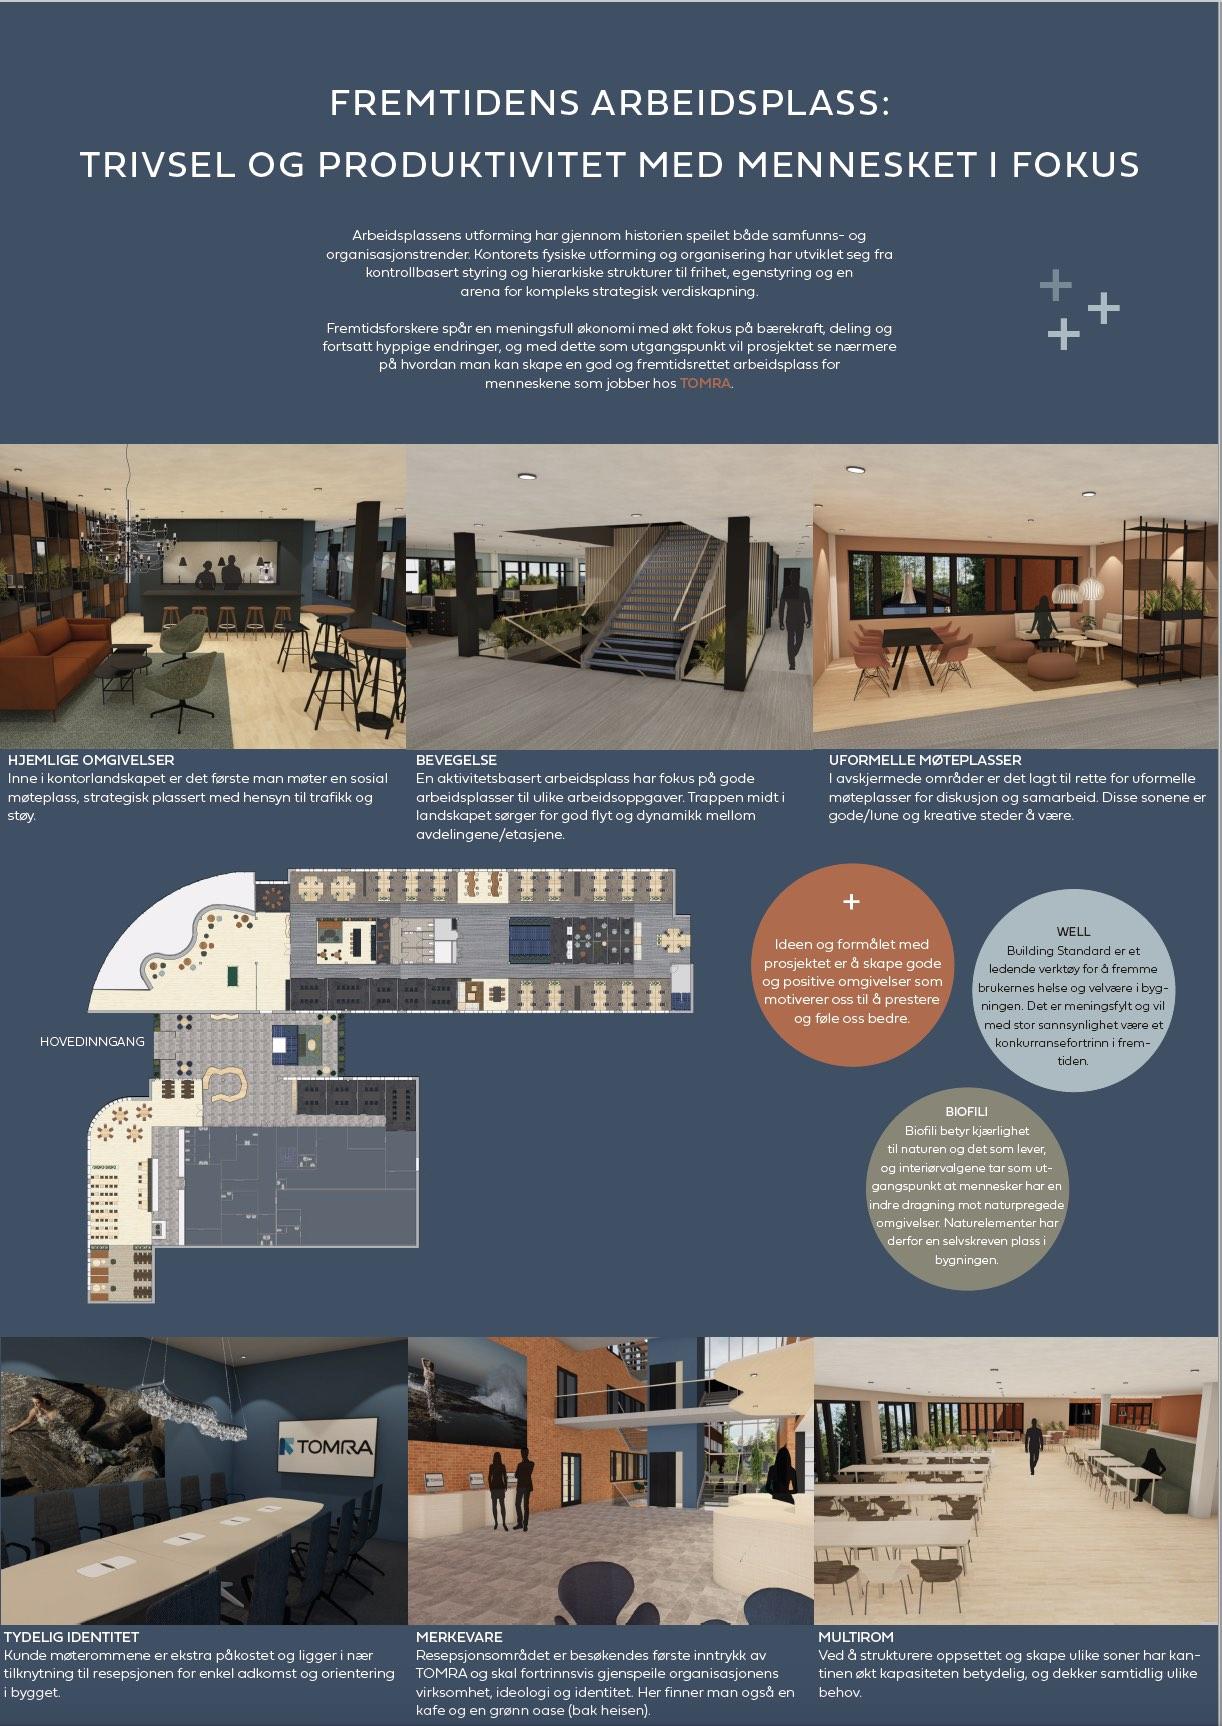 Westerdals Institutt for Kommunikasjon og Design - Fremtidens arbeidsplass: Trivsel og produktivitet med mennesket i fokus